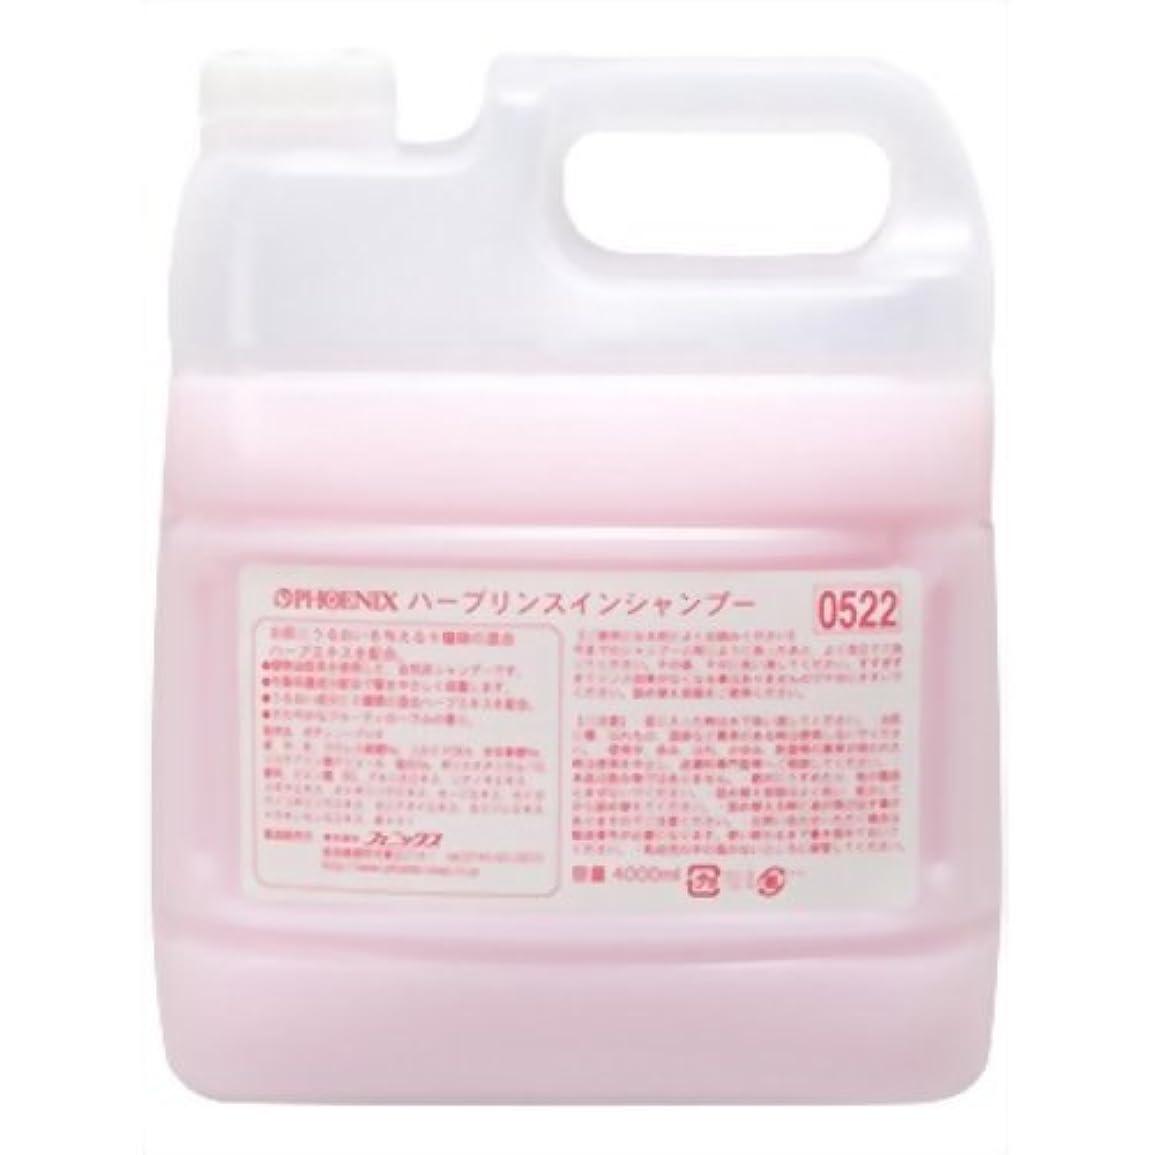 アイドル拒否作るフェニックス ハーブリンスインシャンプー 4L(コック付) 【品番】ZSY6801